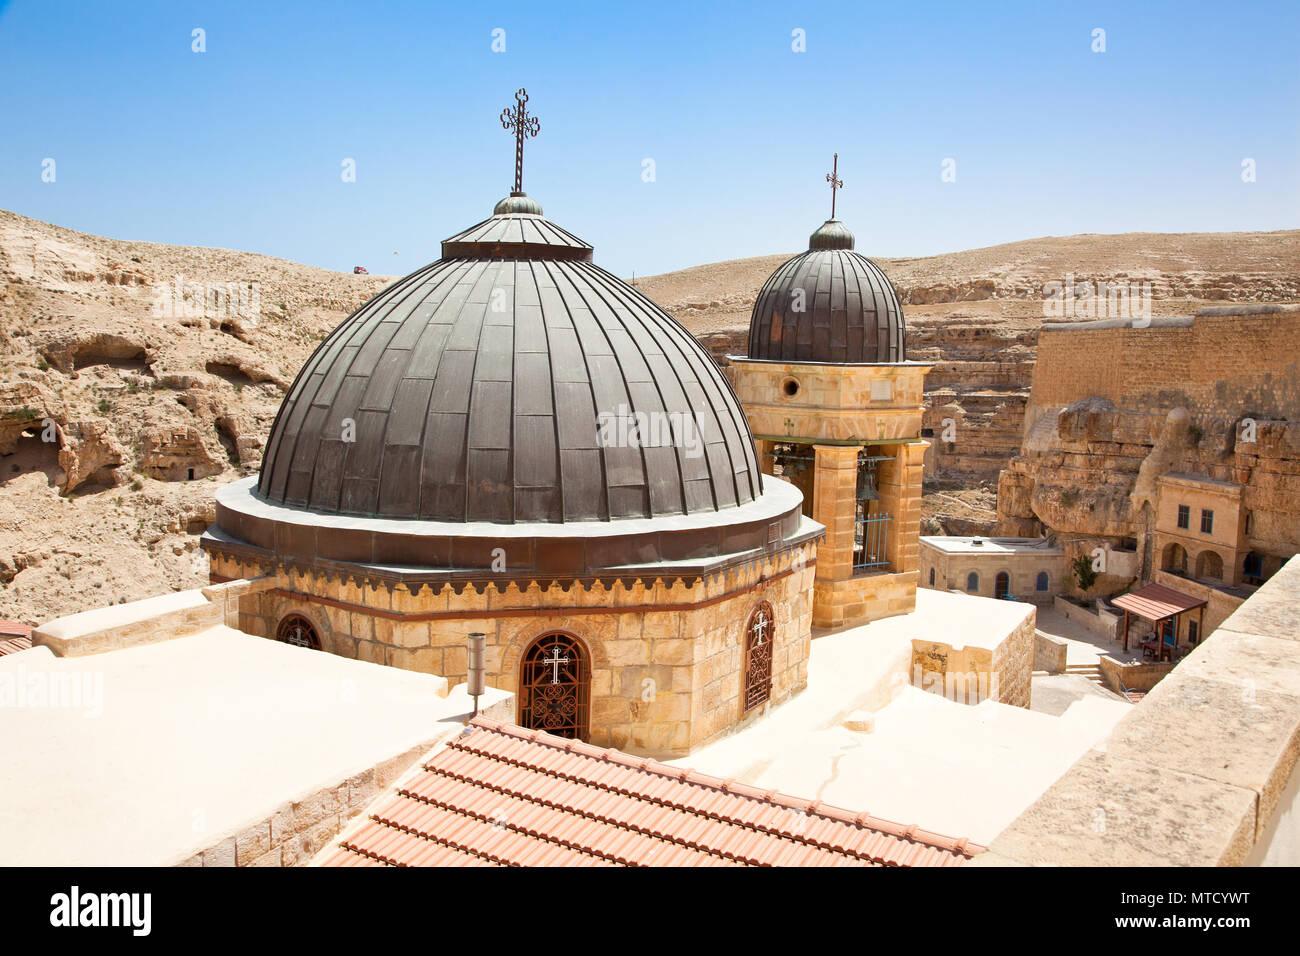 Greek Orthodox monastery Great Lavra of St. Sabbas the Sanctified (Mar Saba) in Judean desert. Palestine, Israel. - Stock Image